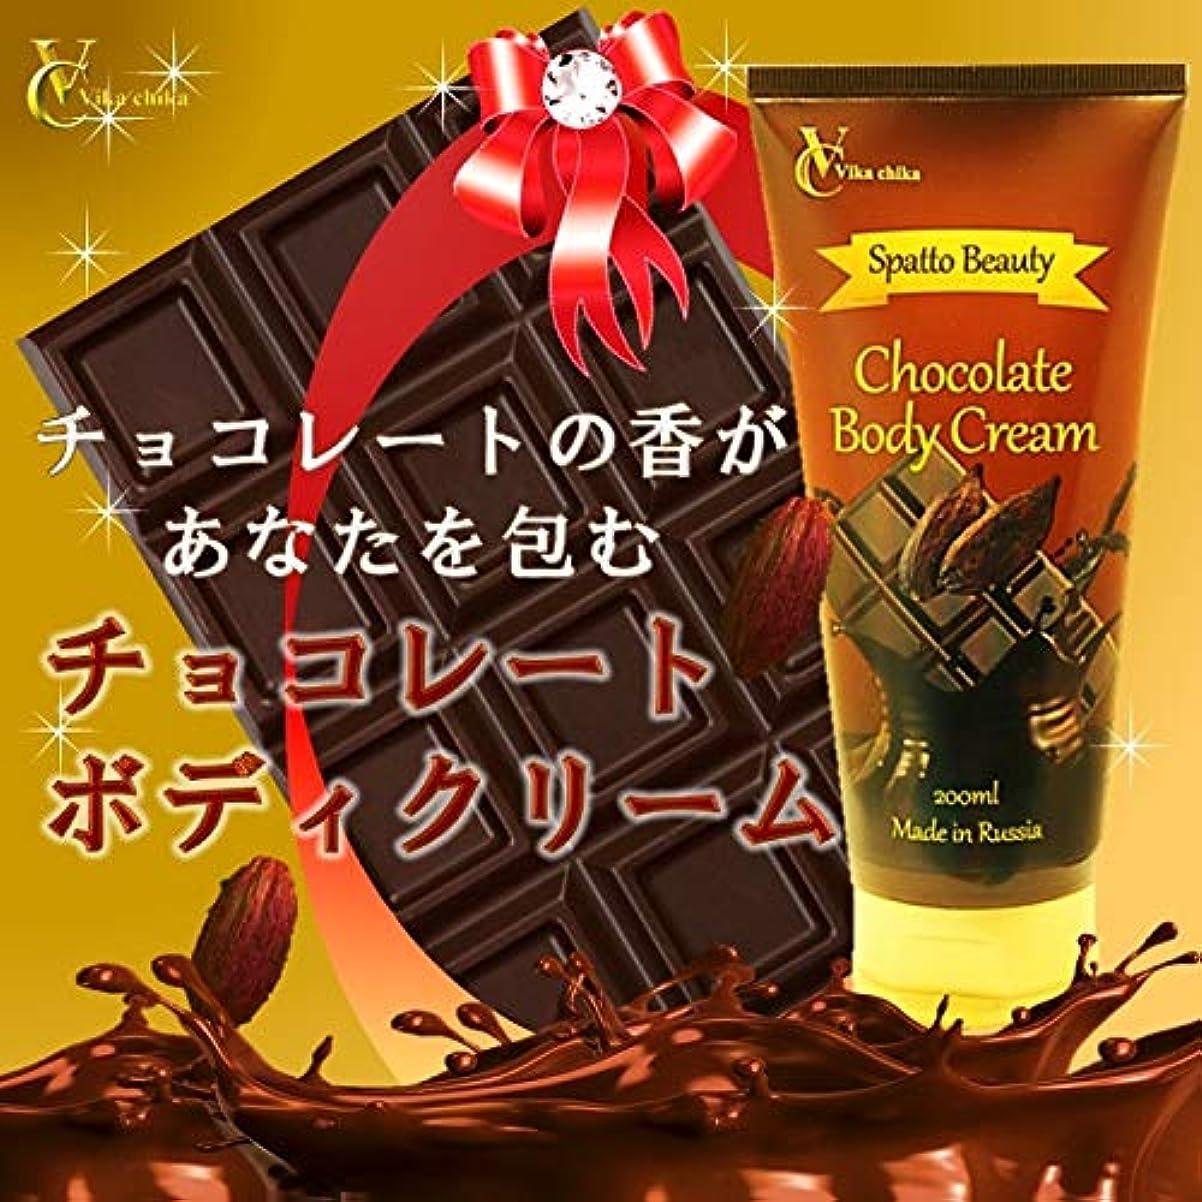 デコレーションハーネス可聴ビッカチカ スパッと ビューティ チョコレートボディクリーム 200ml